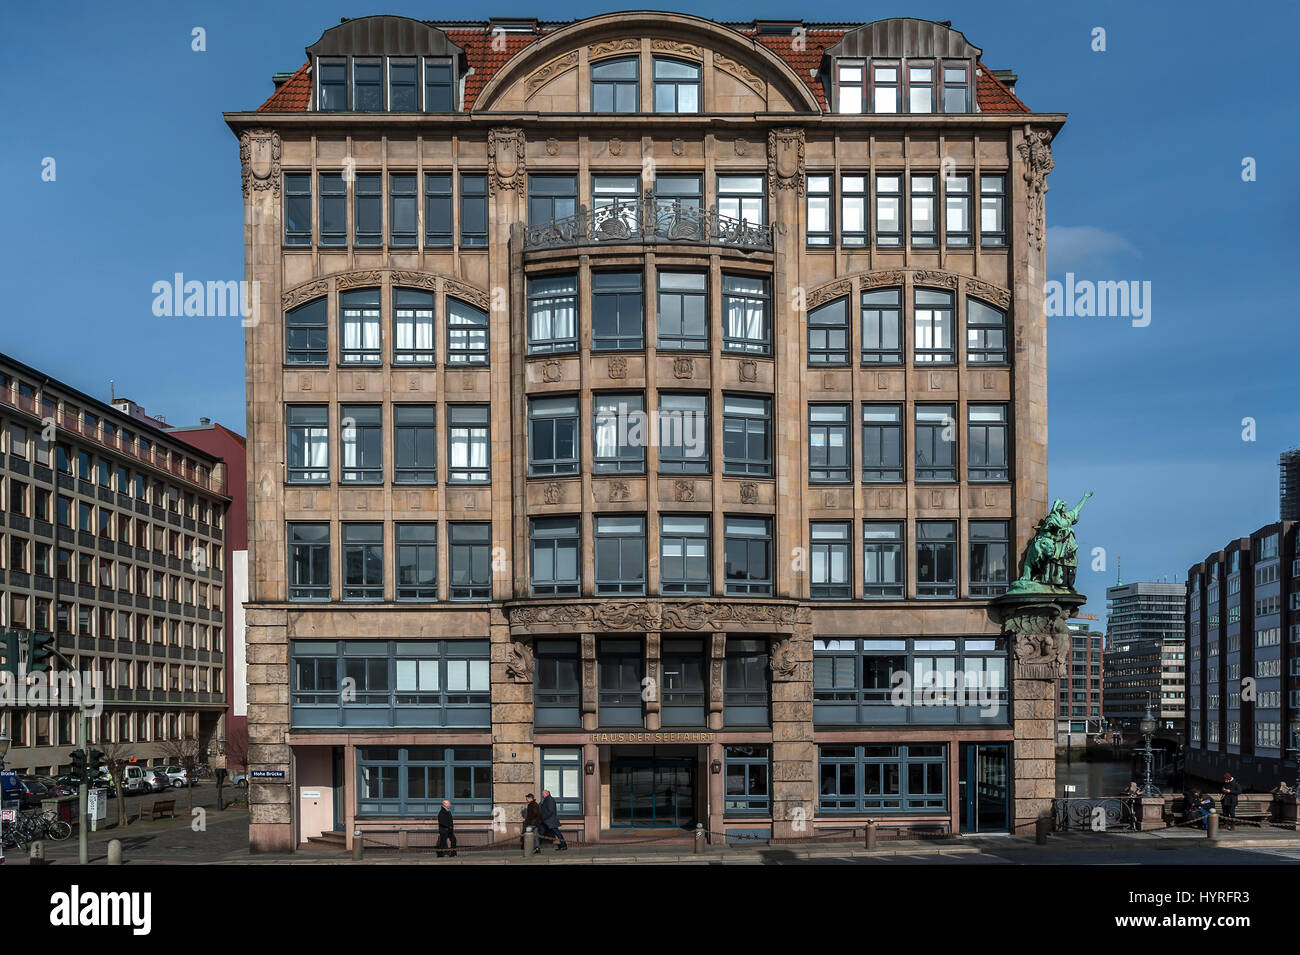 House of seafaring, Hamburg, Germany - Stock Image